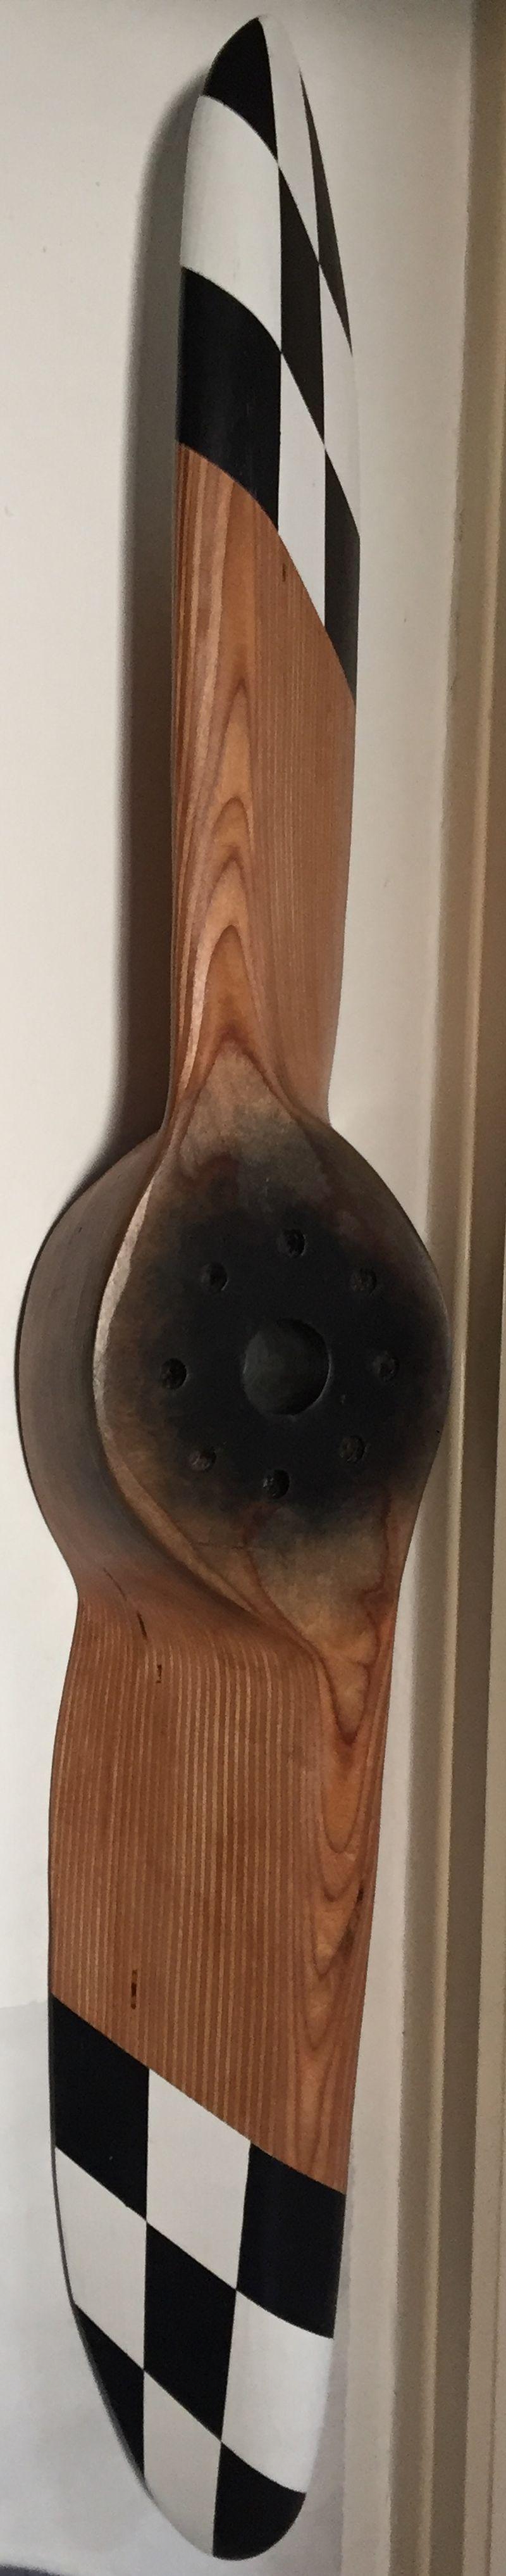 skulptur propeller, usedlook